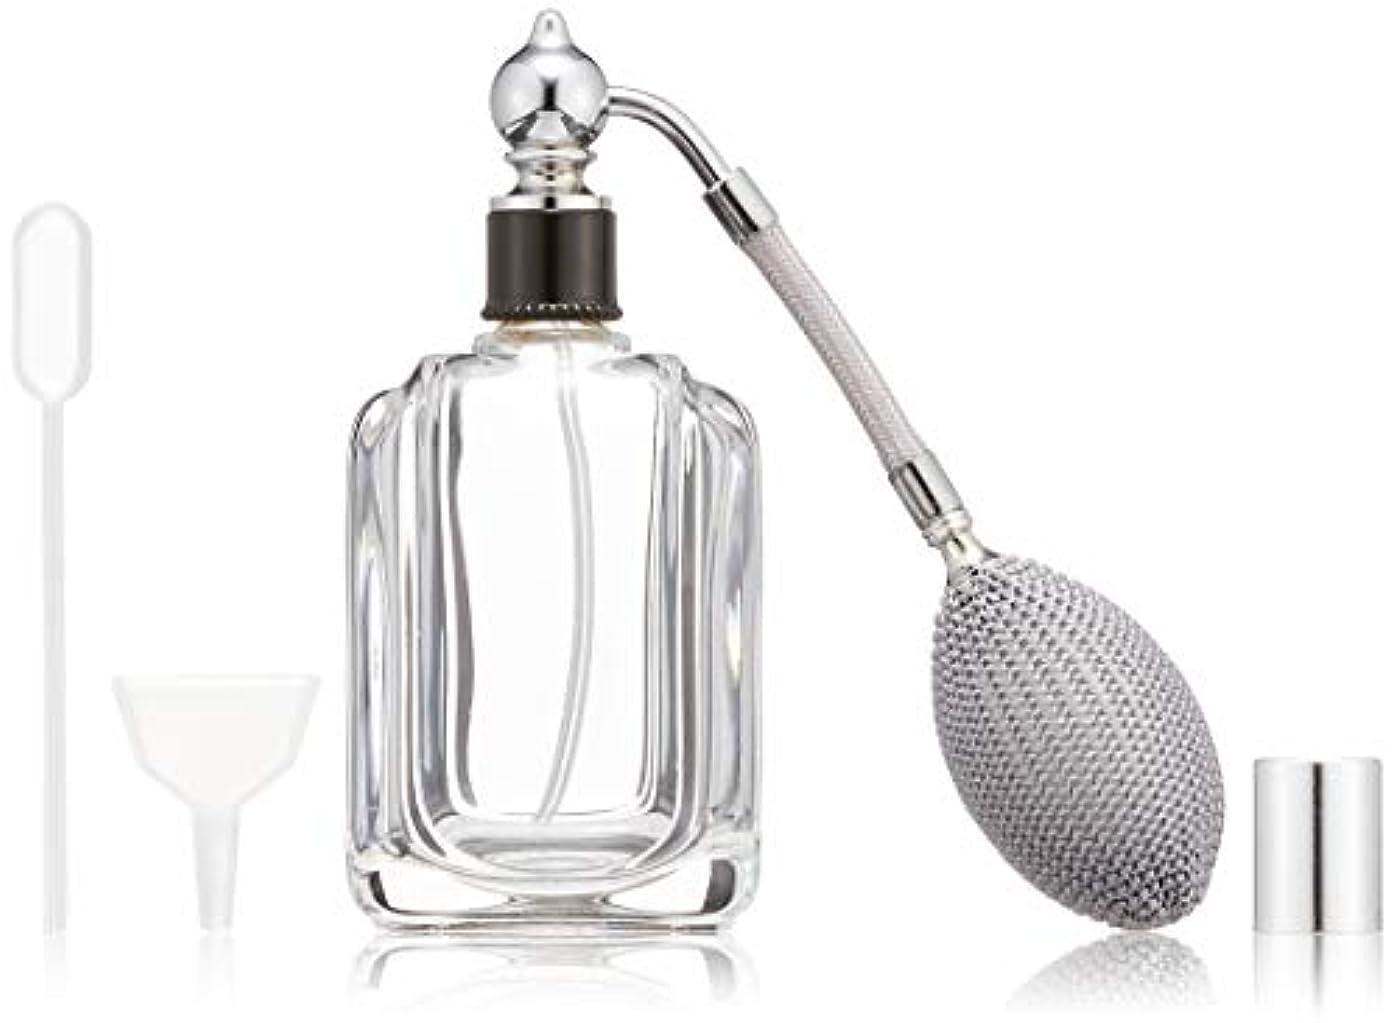 浴レッドデートネイティブヒロセアトマイザー フランス製香水瓶50ML メンズアトマイザーkuro 409873SS (50MLタクジョウ) CLSS